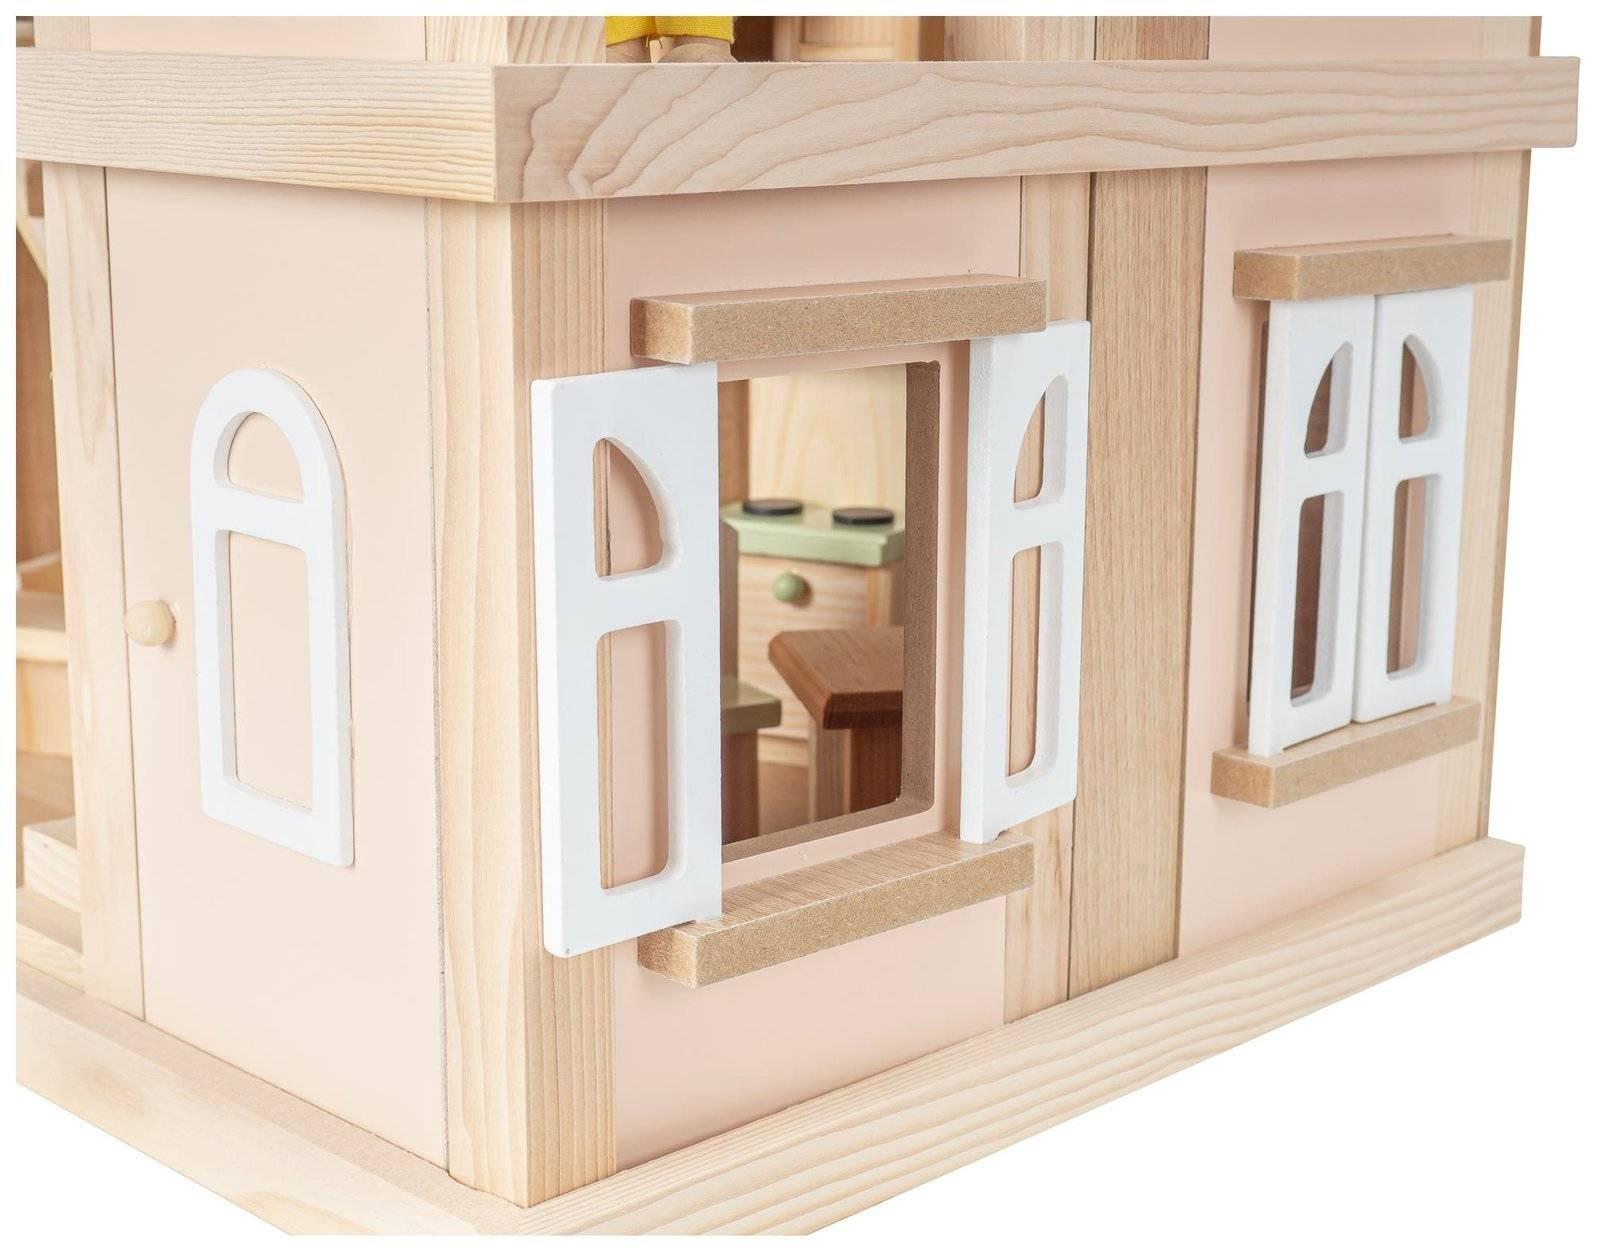 Drewniana Willa - domek XXL dla lalek. W zestawie lalki, akcesoria i meble